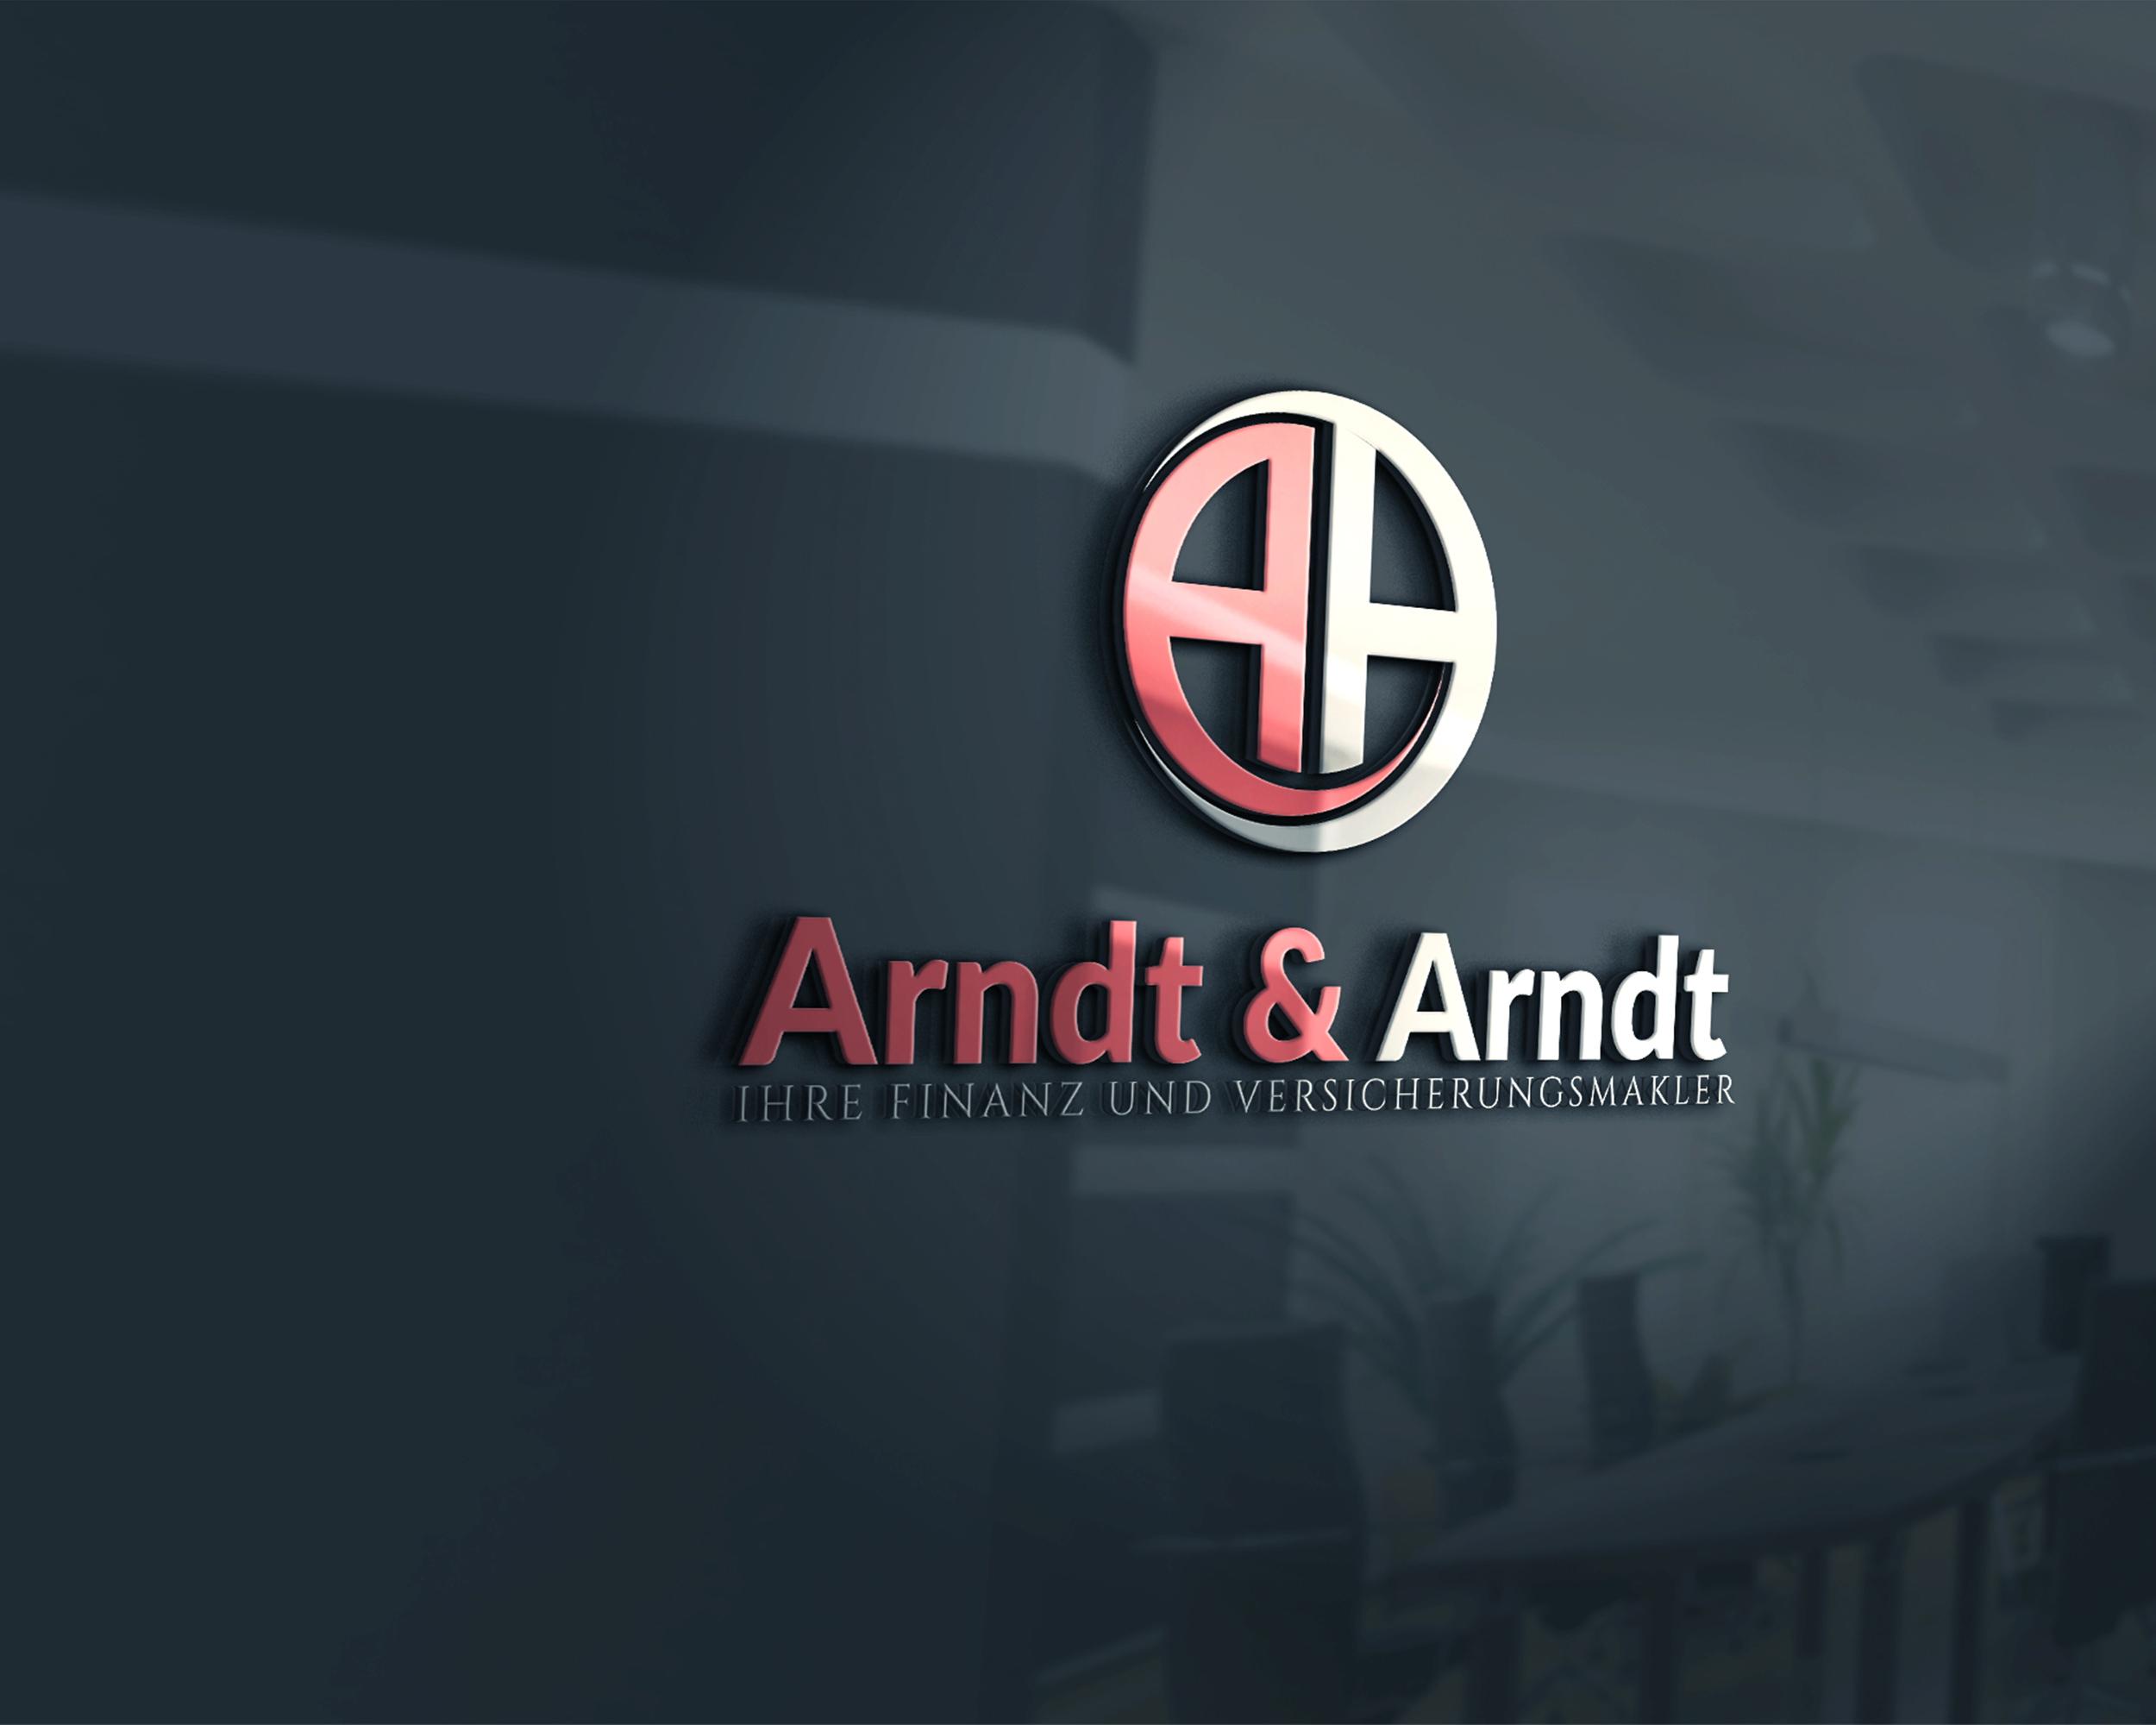 Das Entwerfen Eines Logos Für Versicherungsmakle Logo